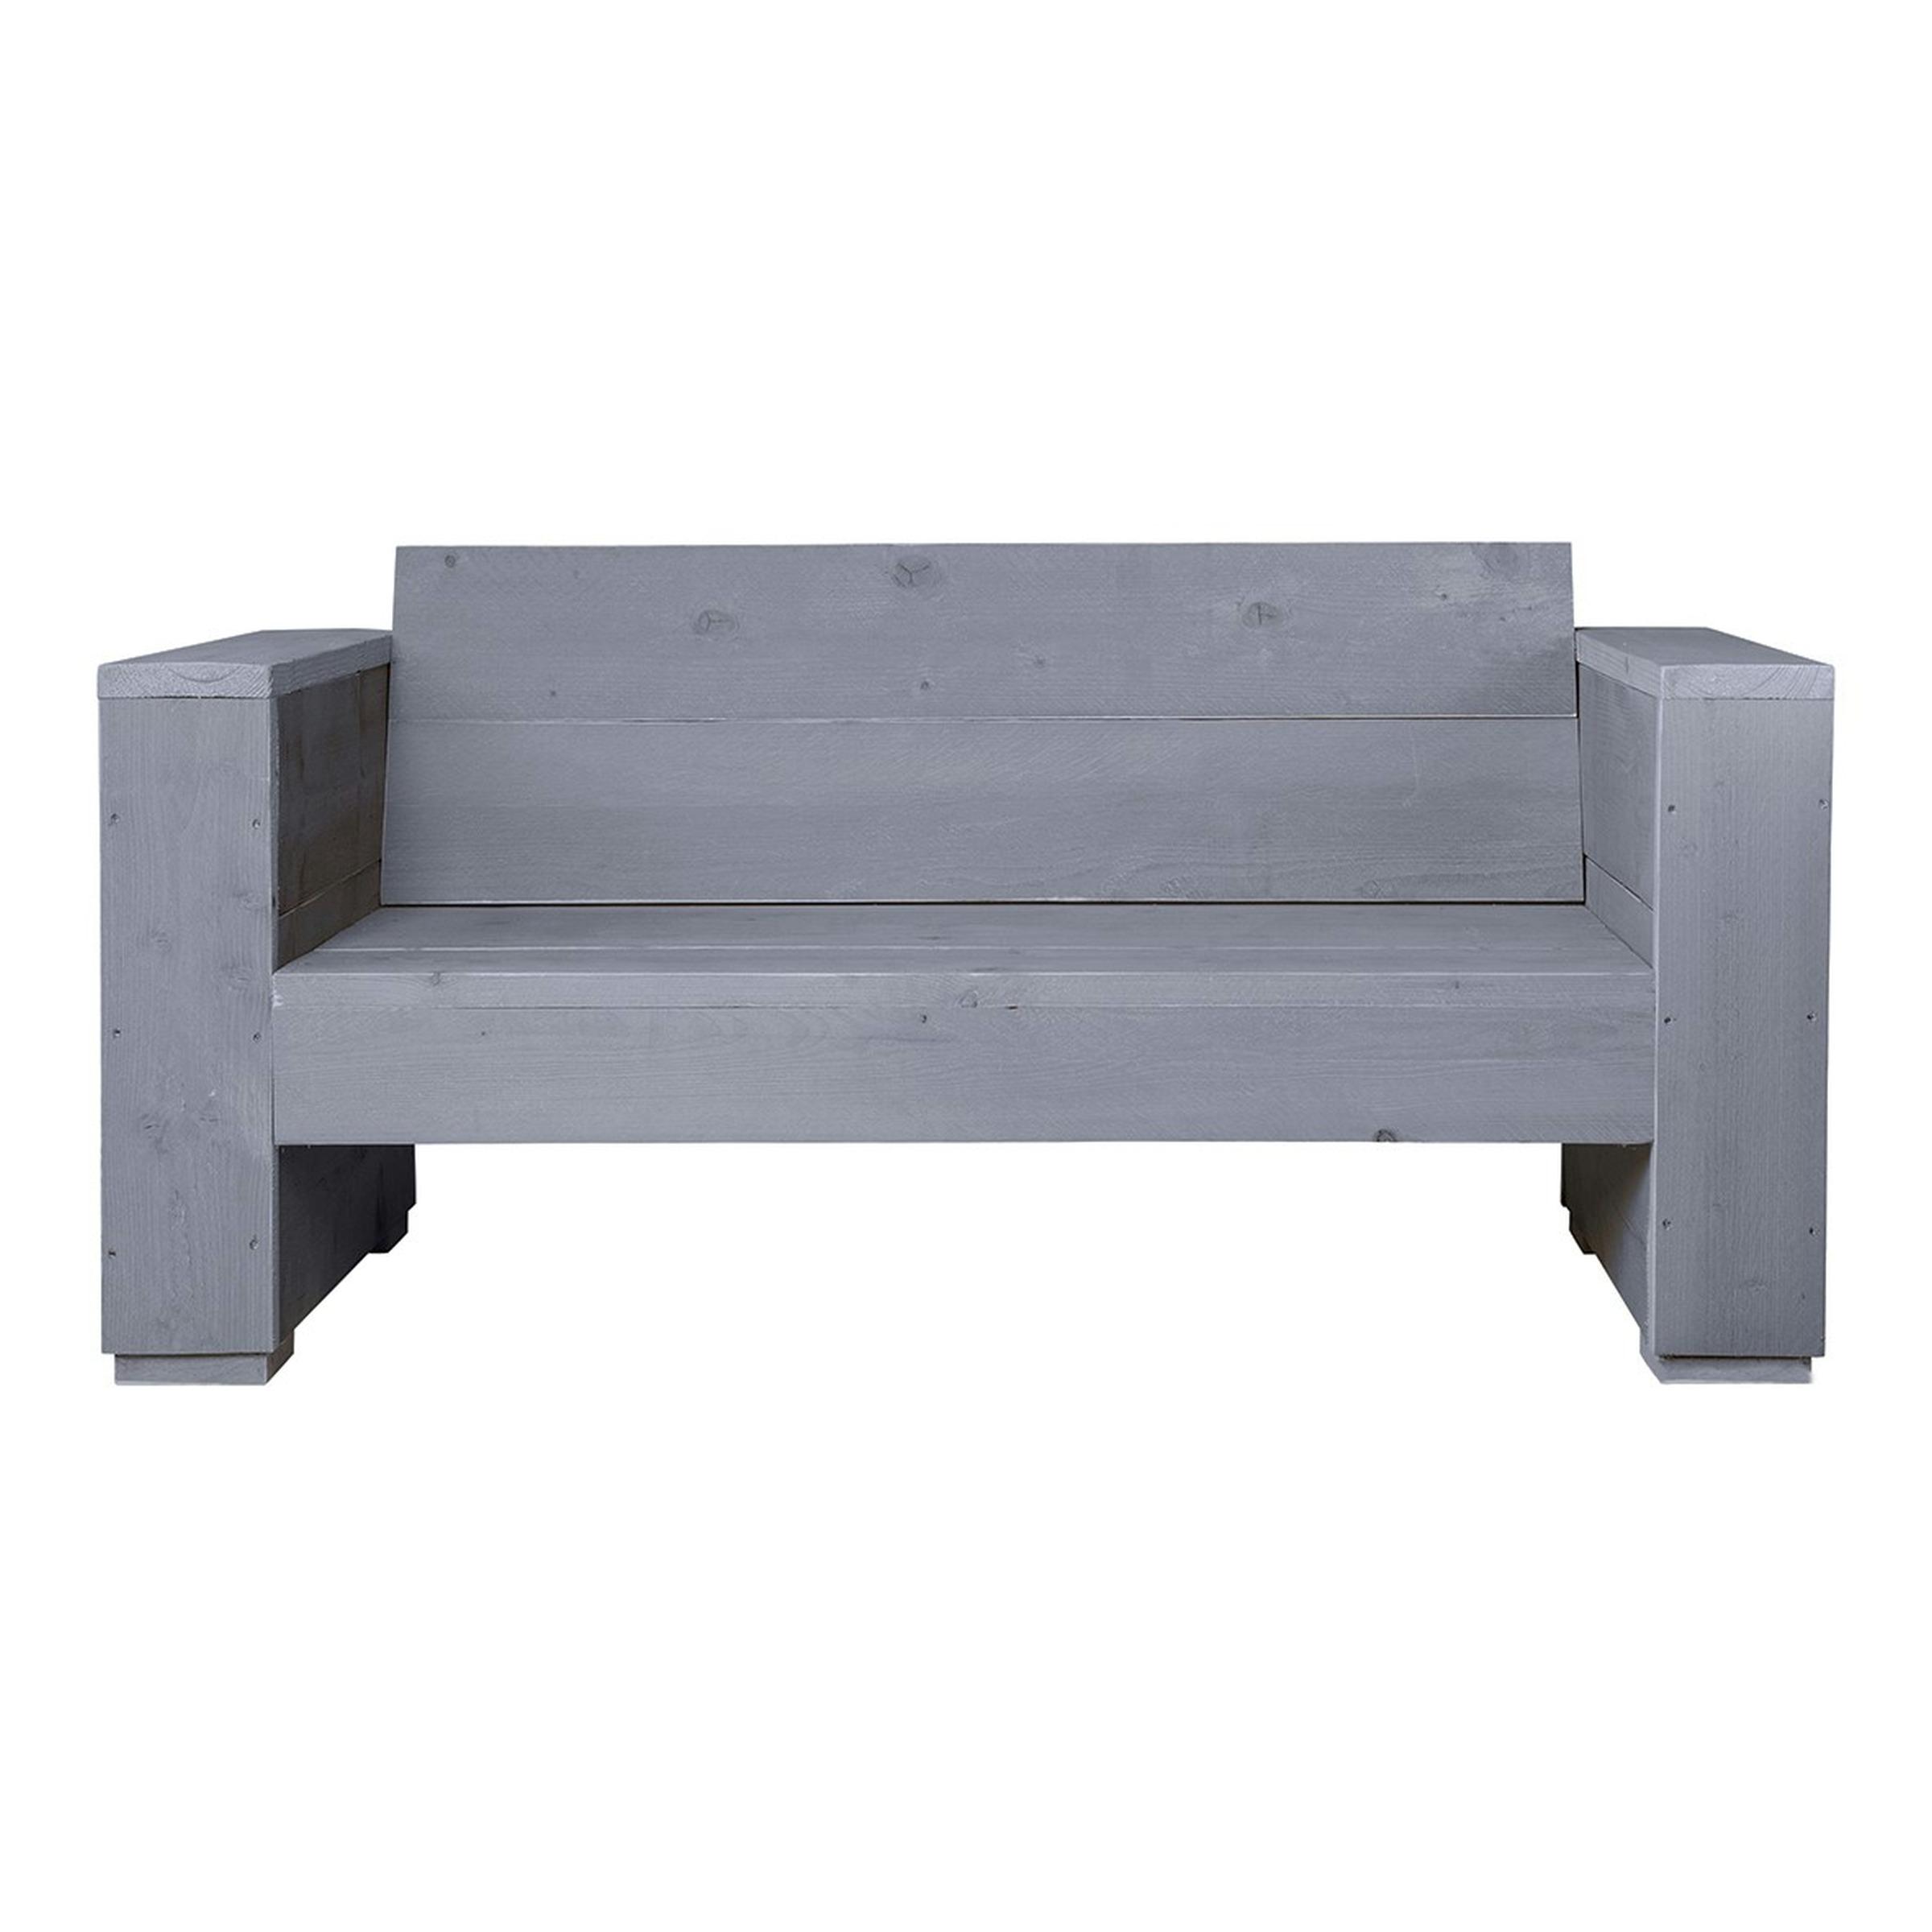 Sombrero loungebank massief 2-zits 150x77xH73 cm grijs